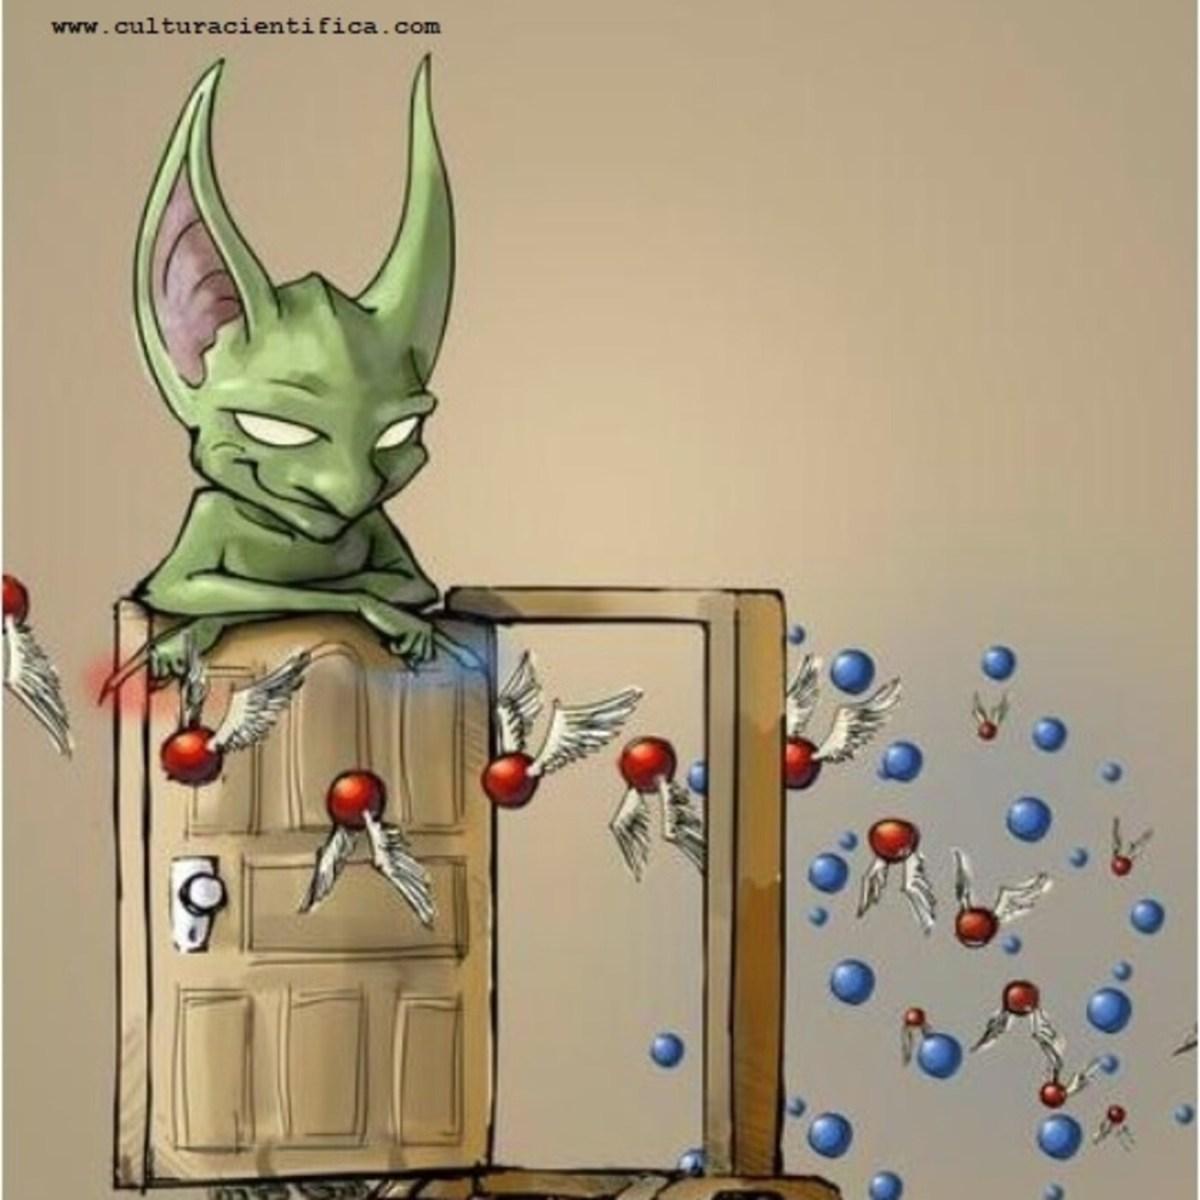 Los diablos y diablillos de la ciencia (208)